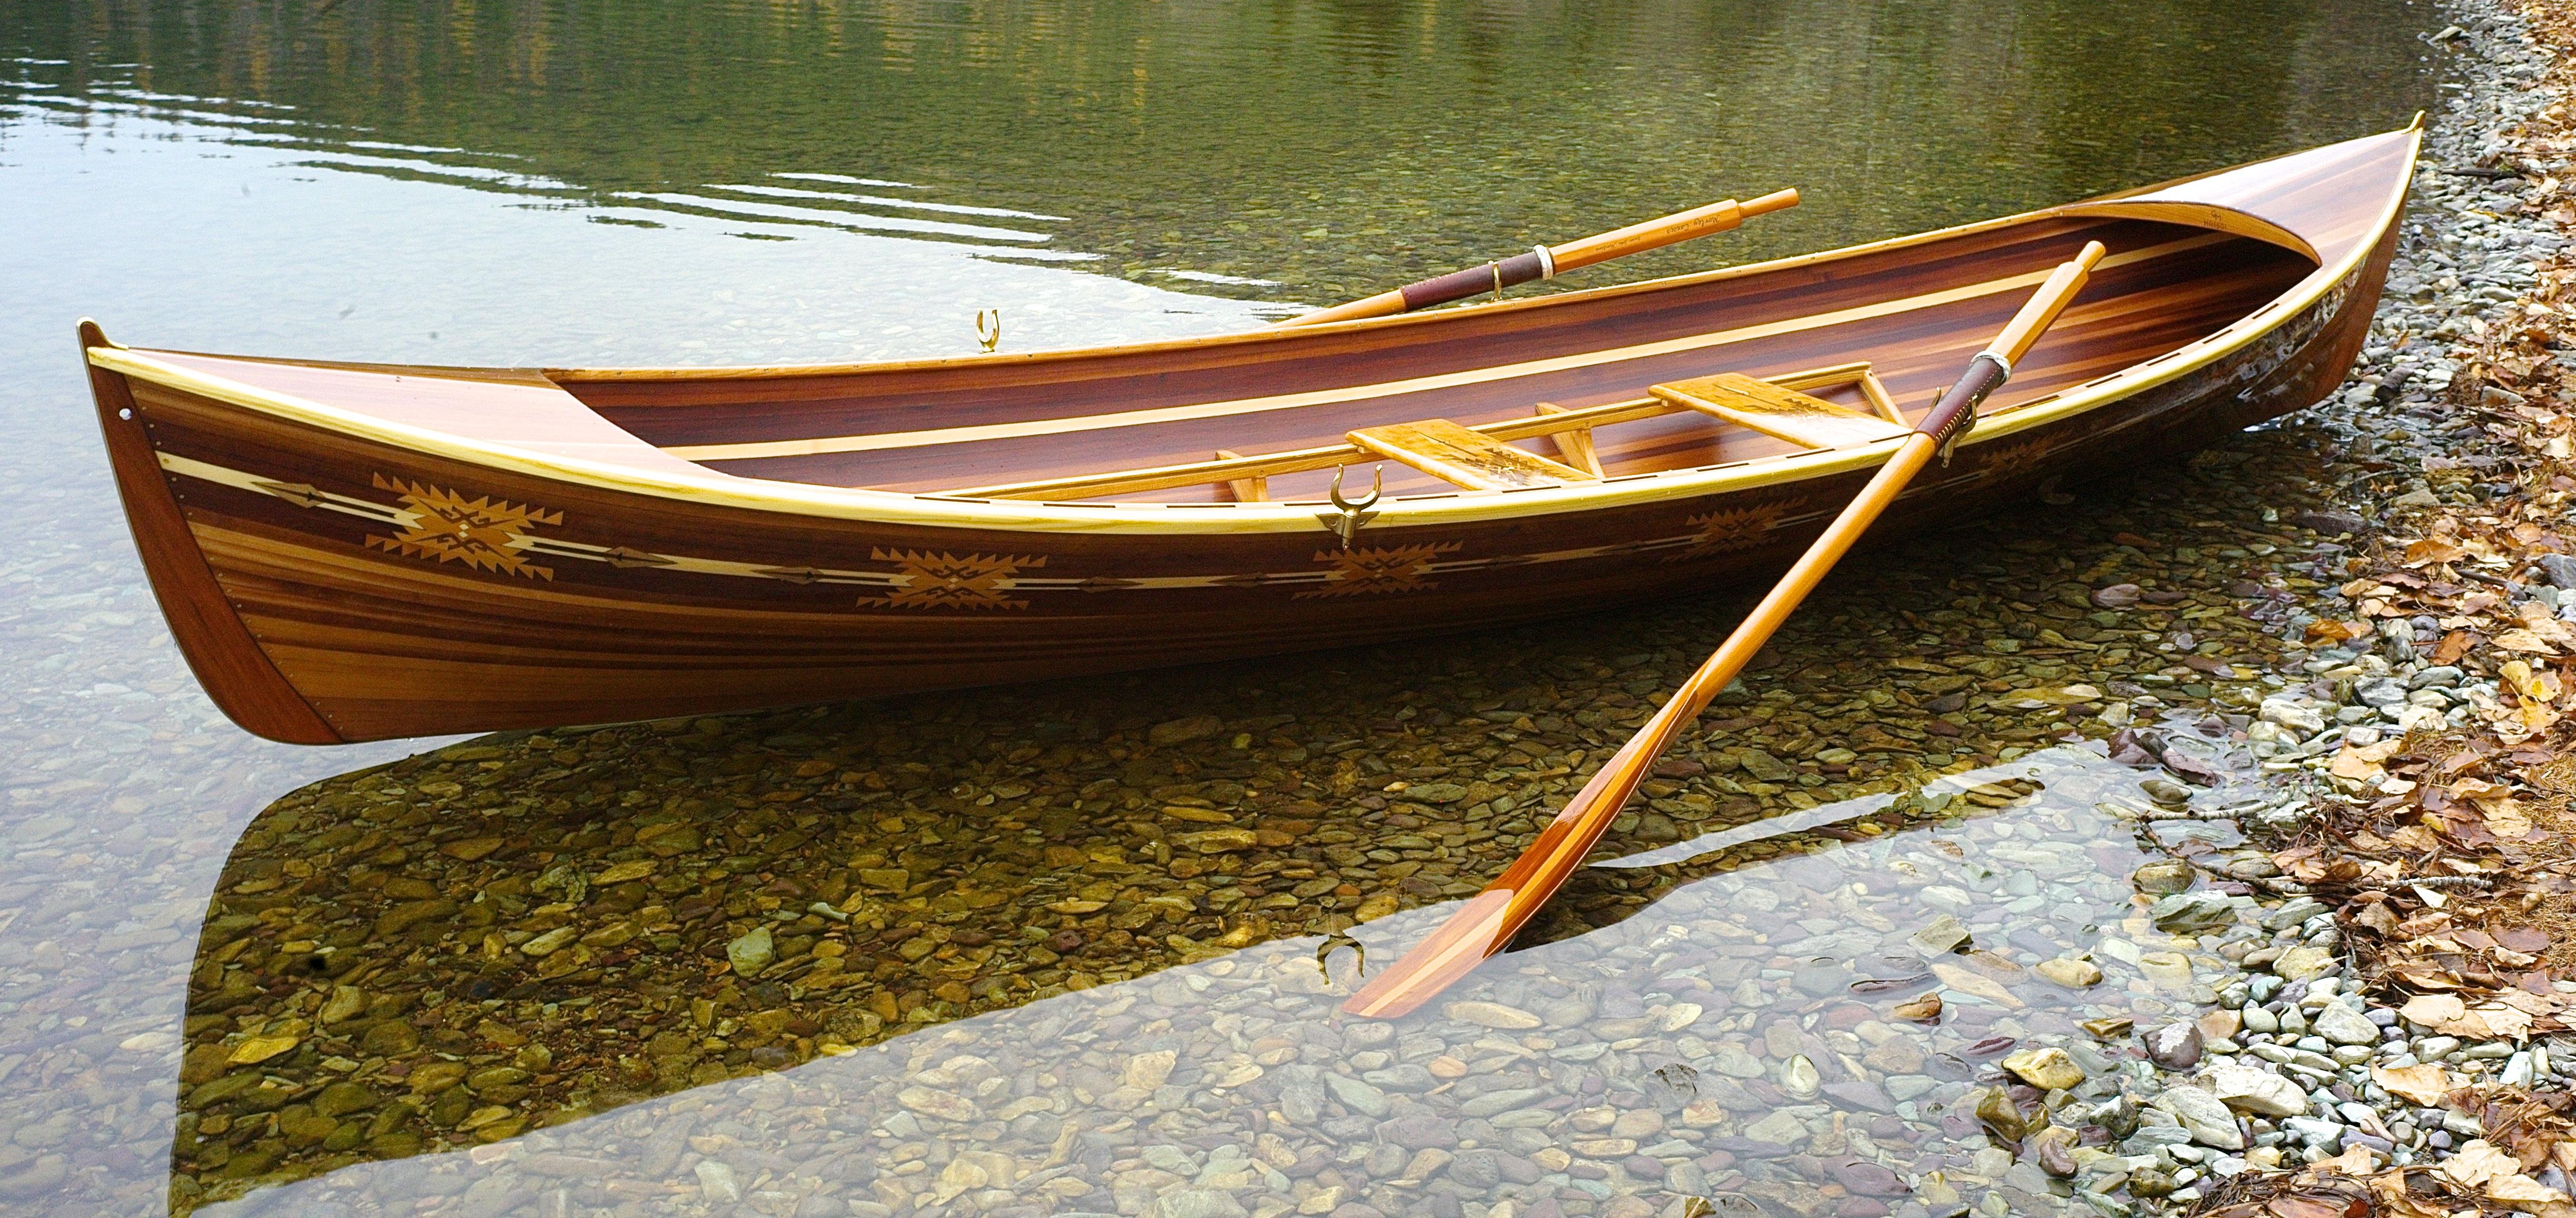 Terry's canoe